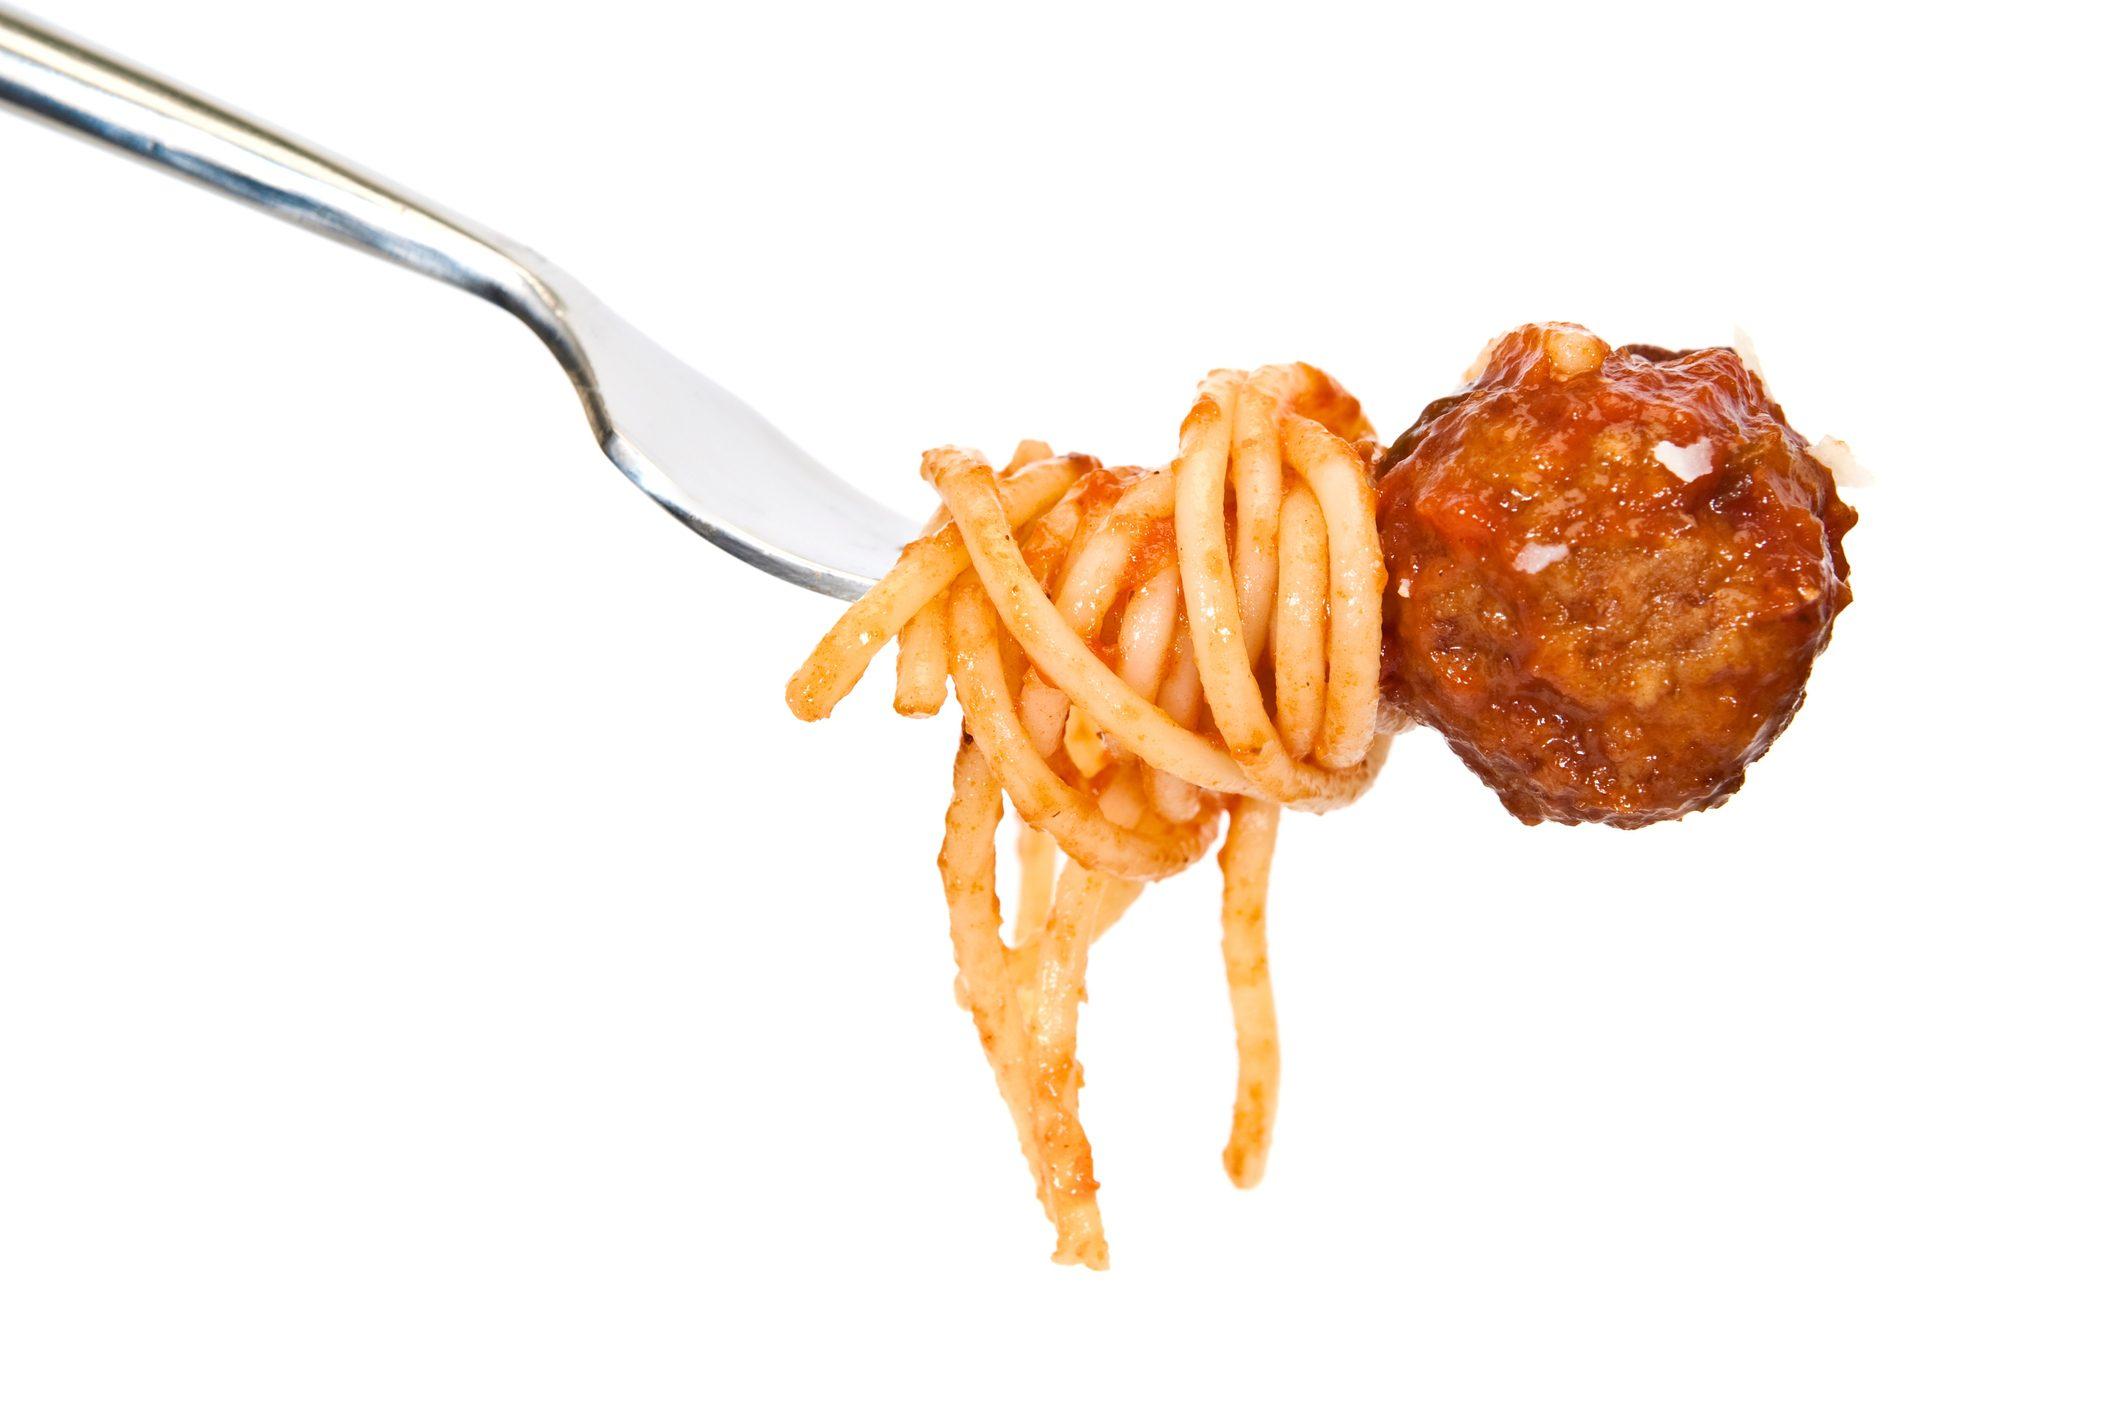 spaghetti-meatball